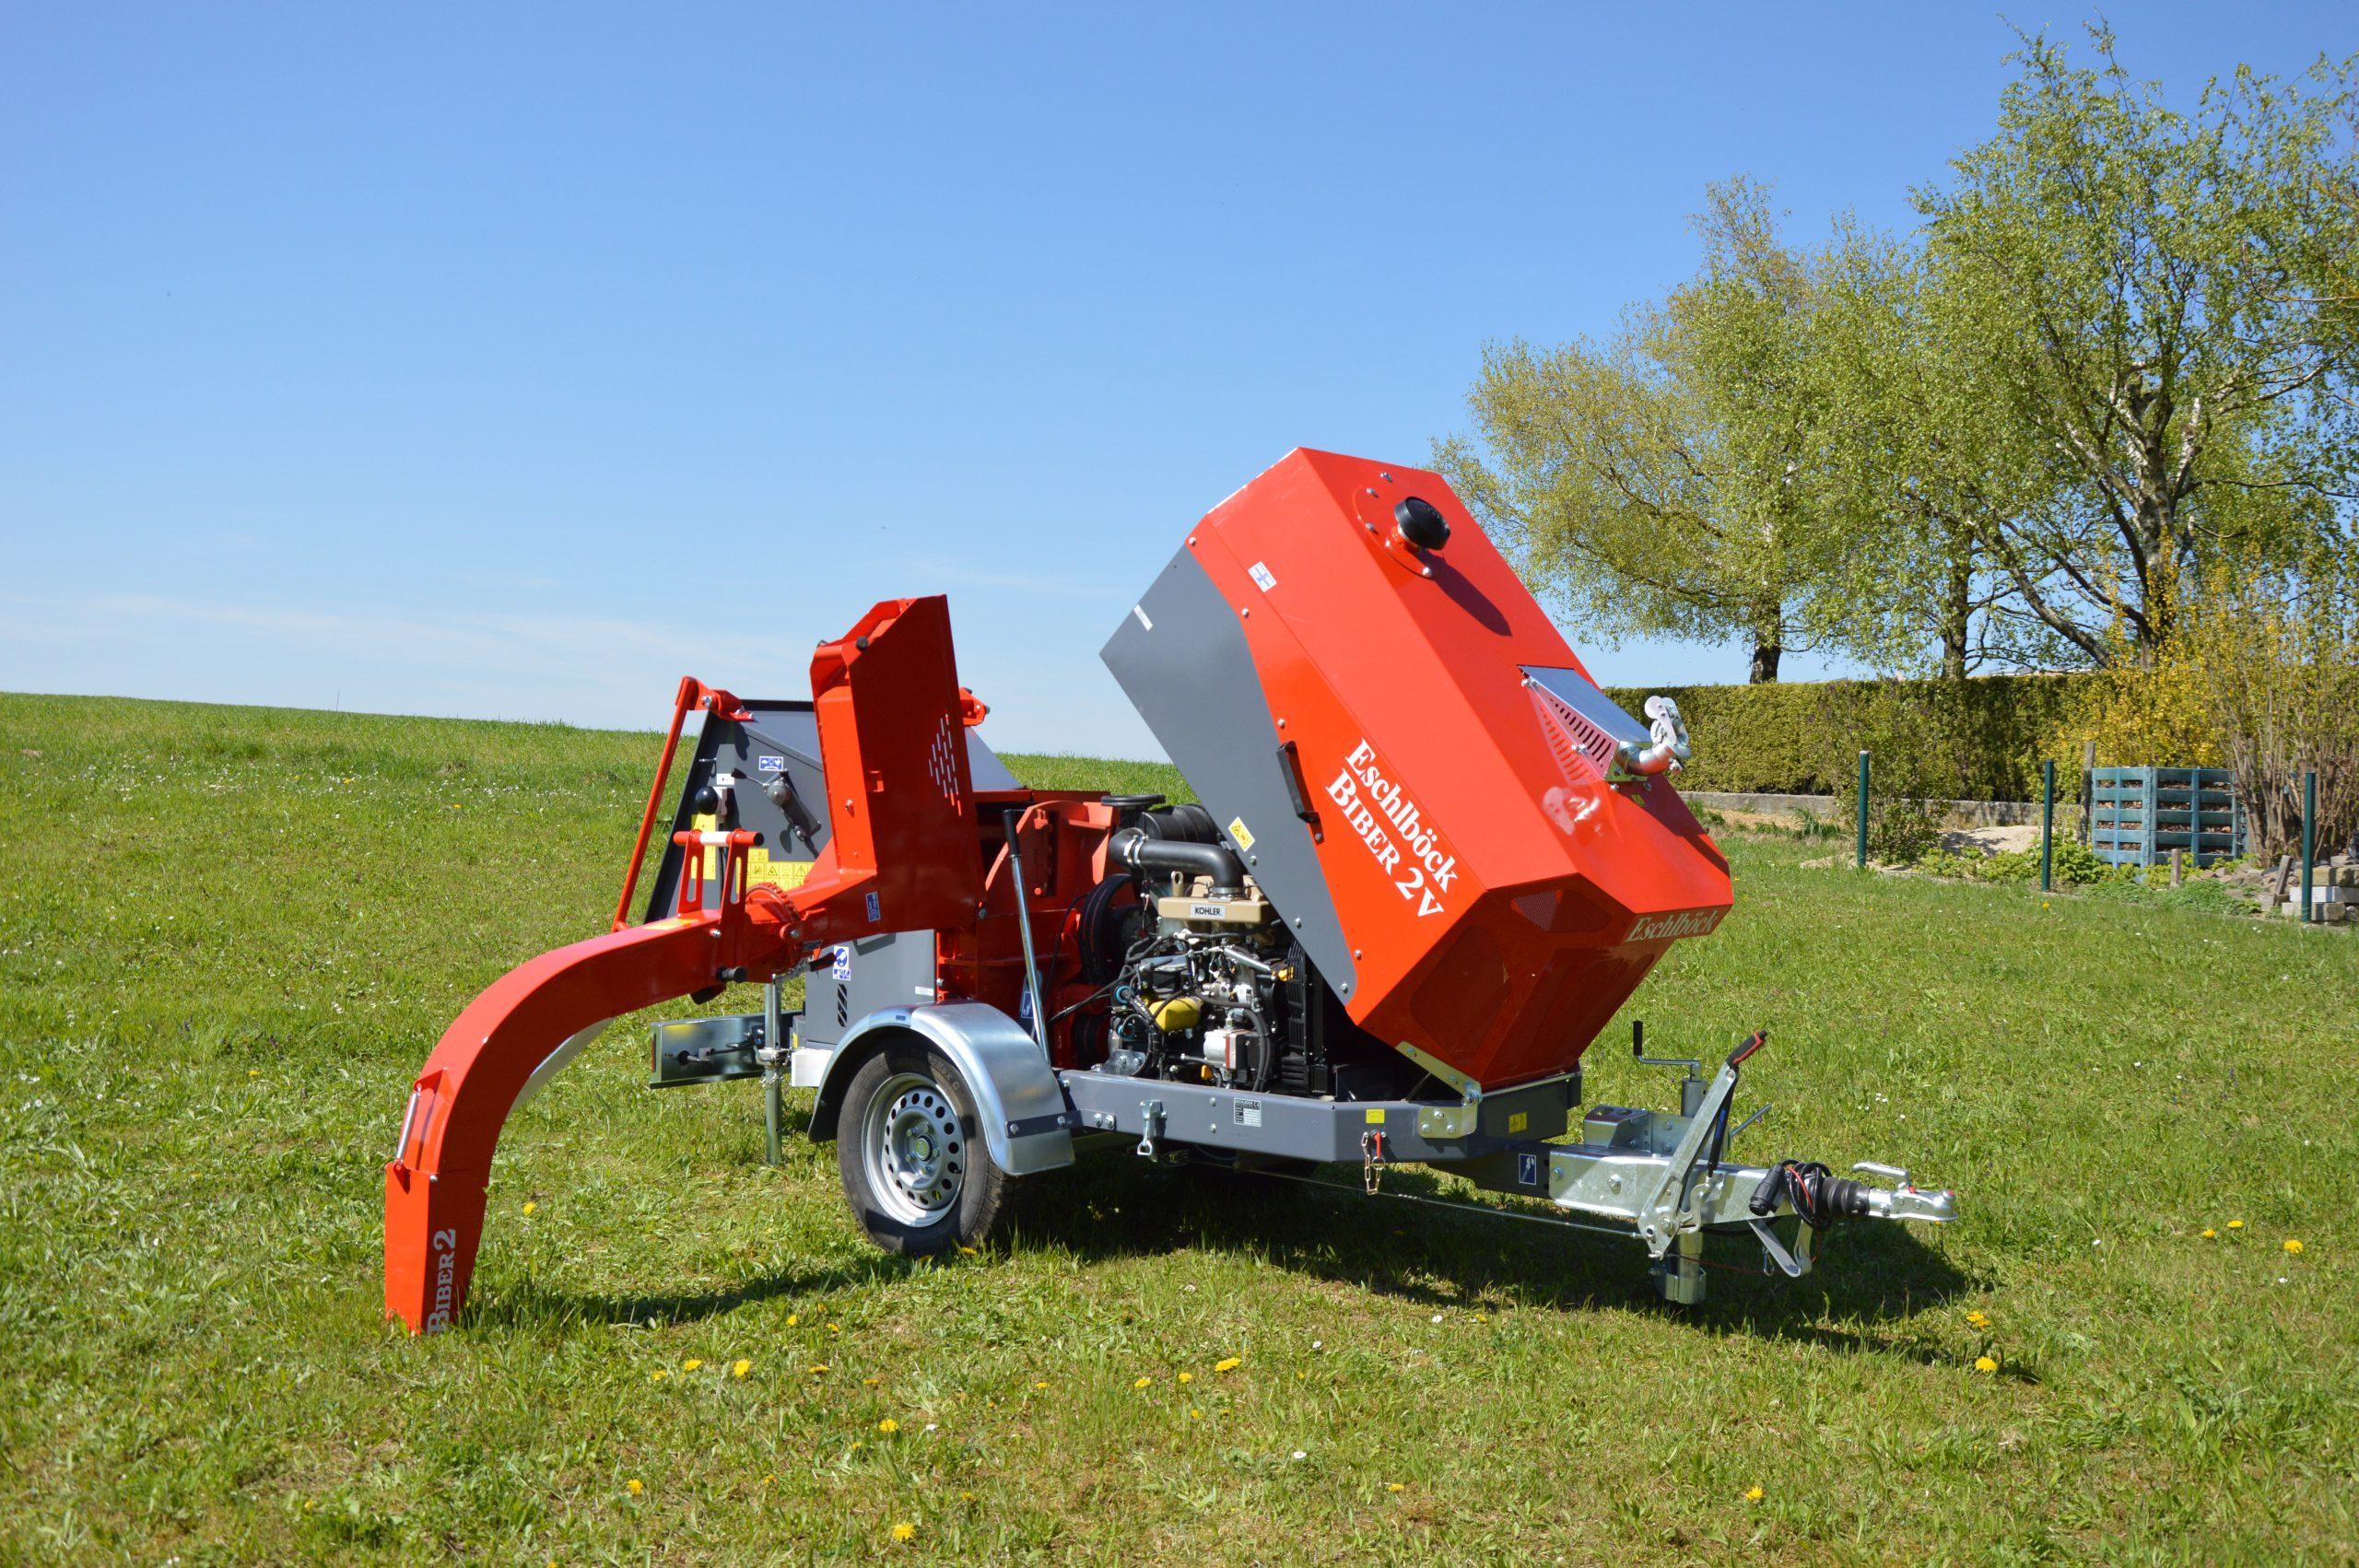 Eschlböck Biber 2V Holzhackmaschine aufgeklappt